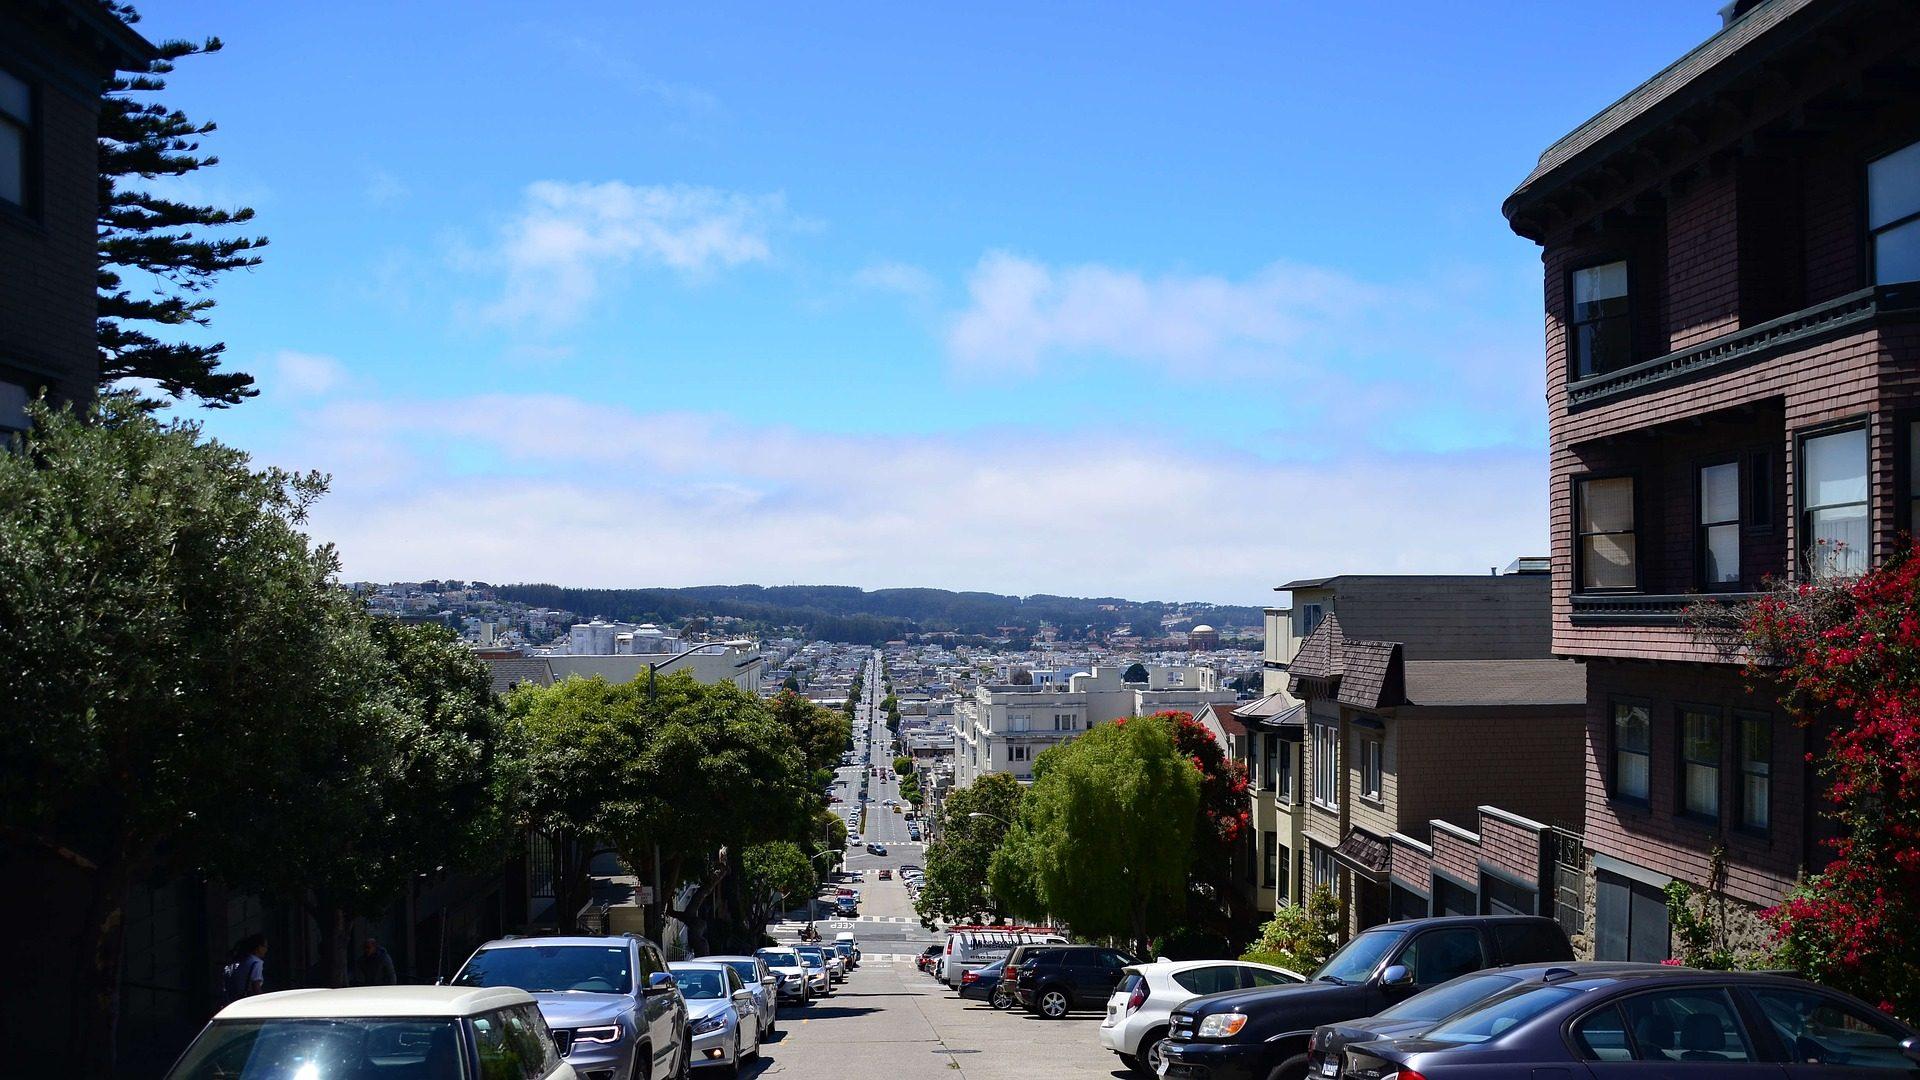 Οδός, Το Residencial, Πόλη, αυτοκίνητα, Cuesta, Lombard, Σαν Φρανσίσκο - Wallpapers HD - Professor-falken.com